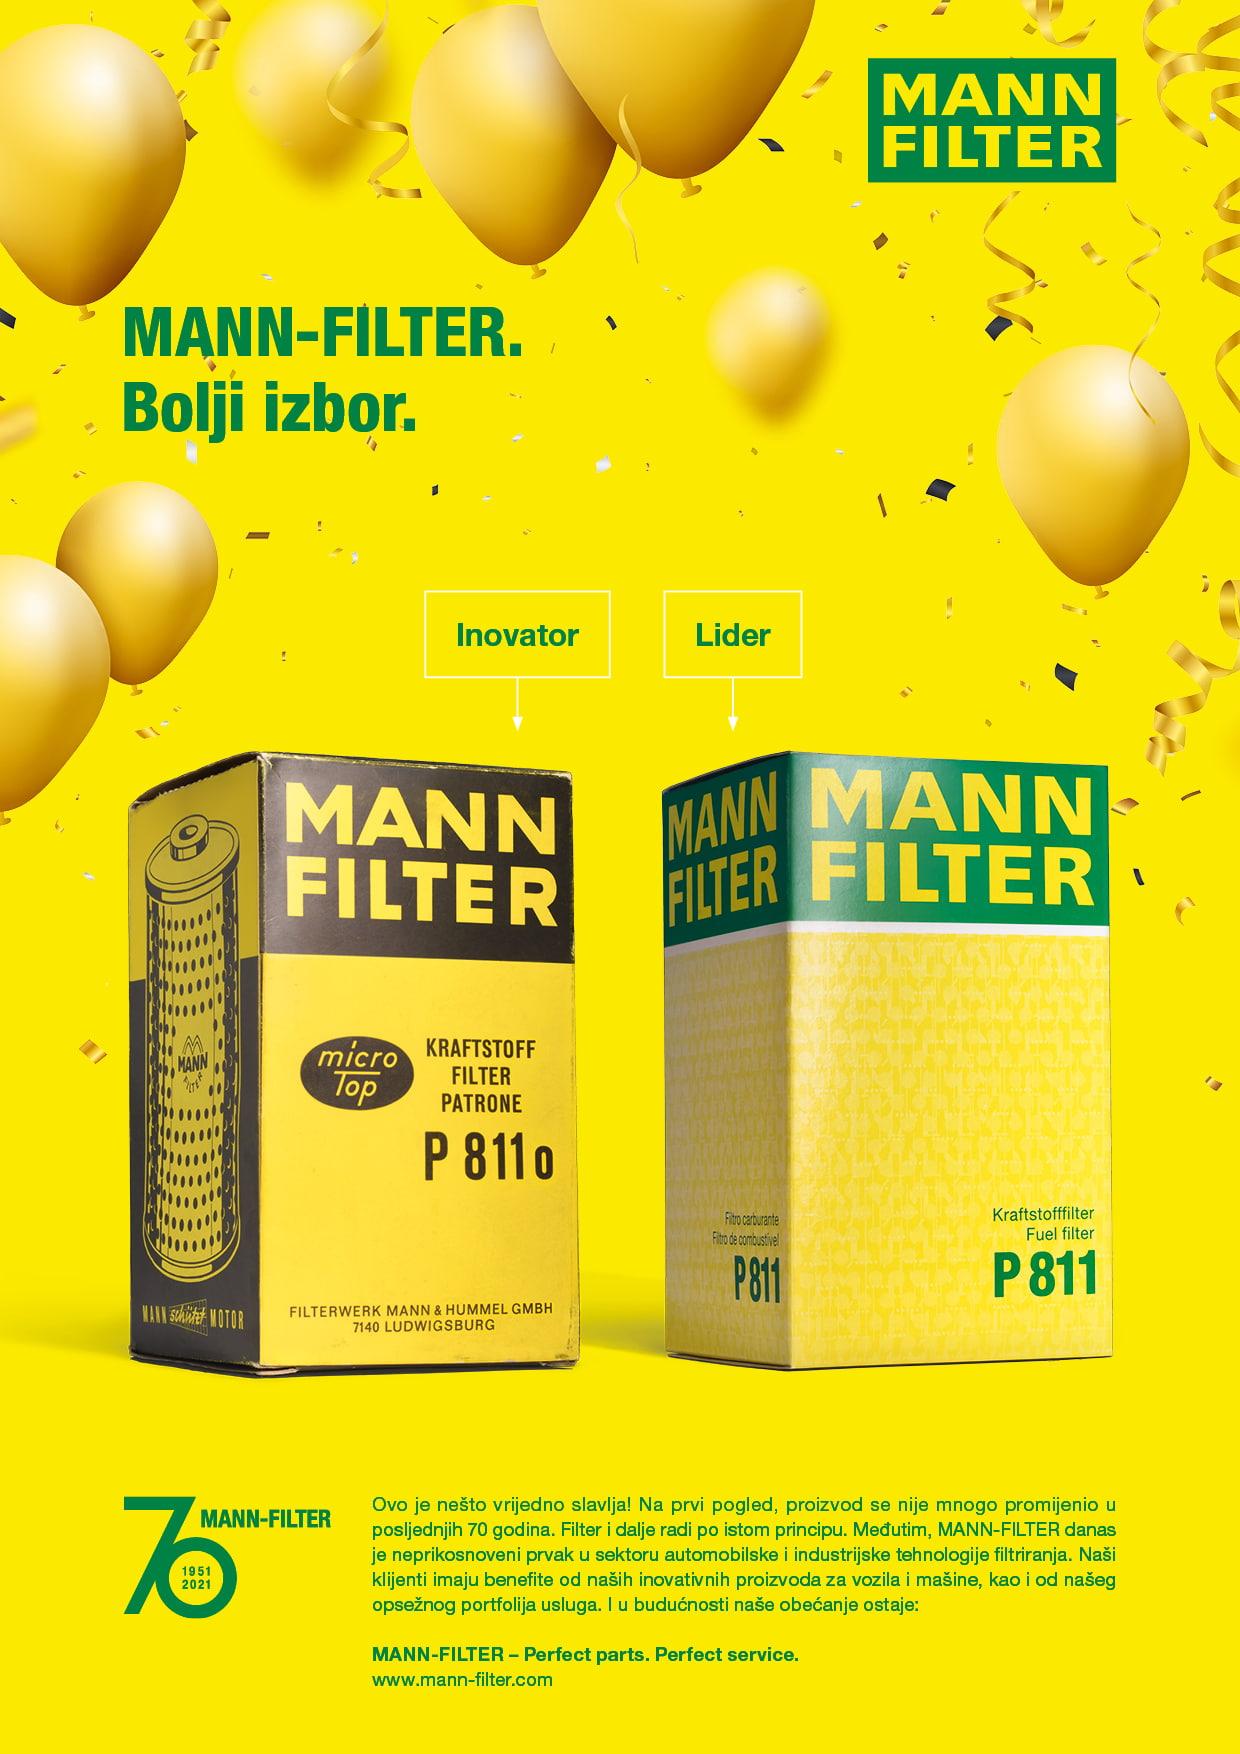 MANN-FILTER_Godisnjica_BS_poster.jpg